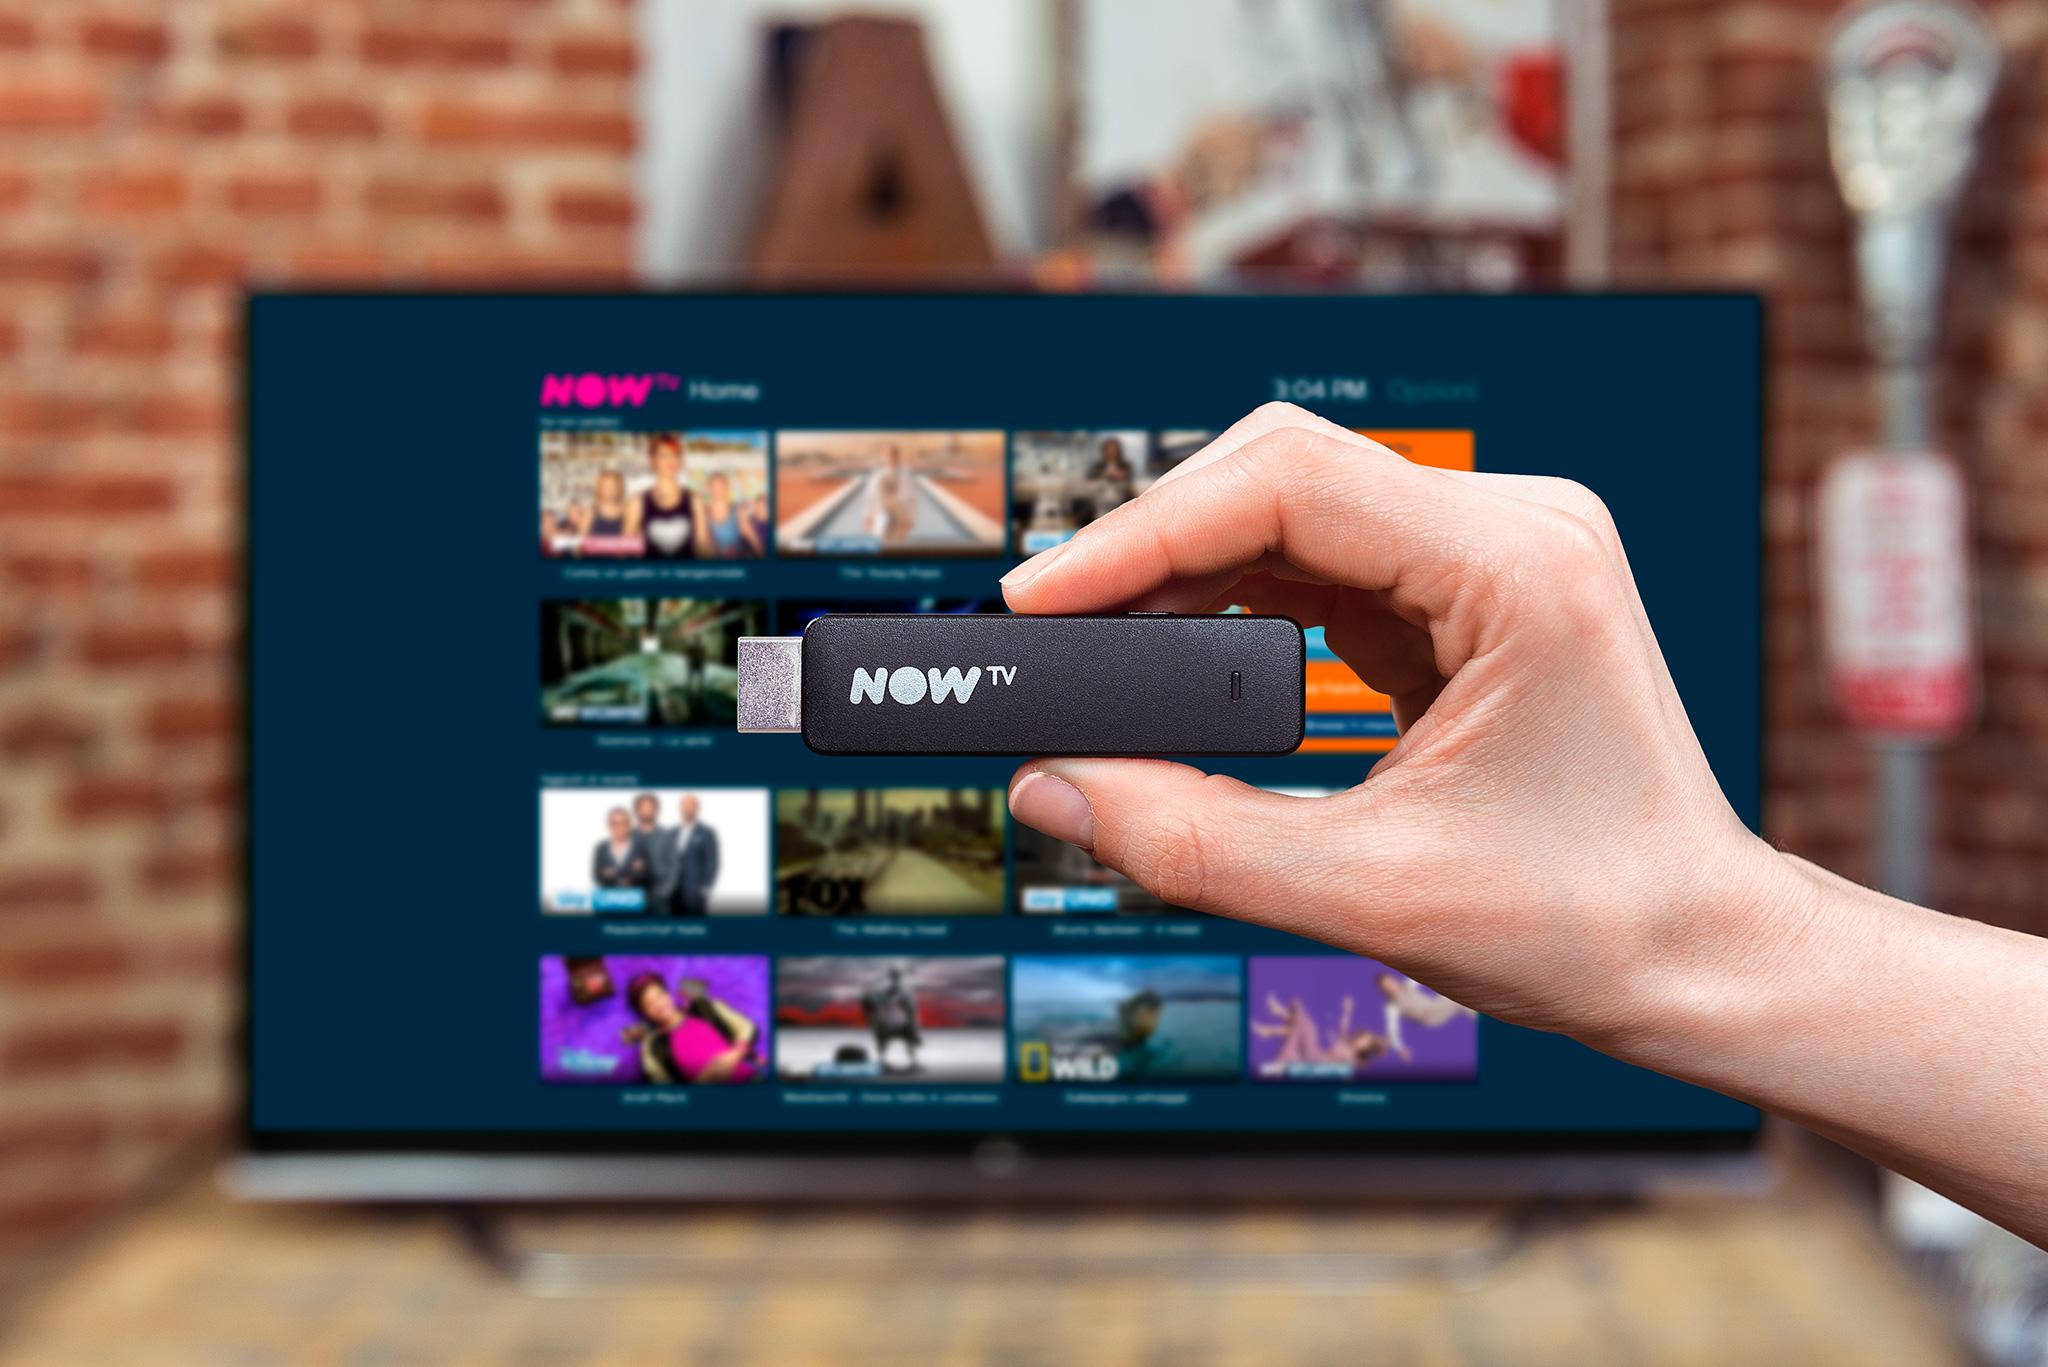 Sky ha presentato la nuova Now TV e il suo Smart Stick